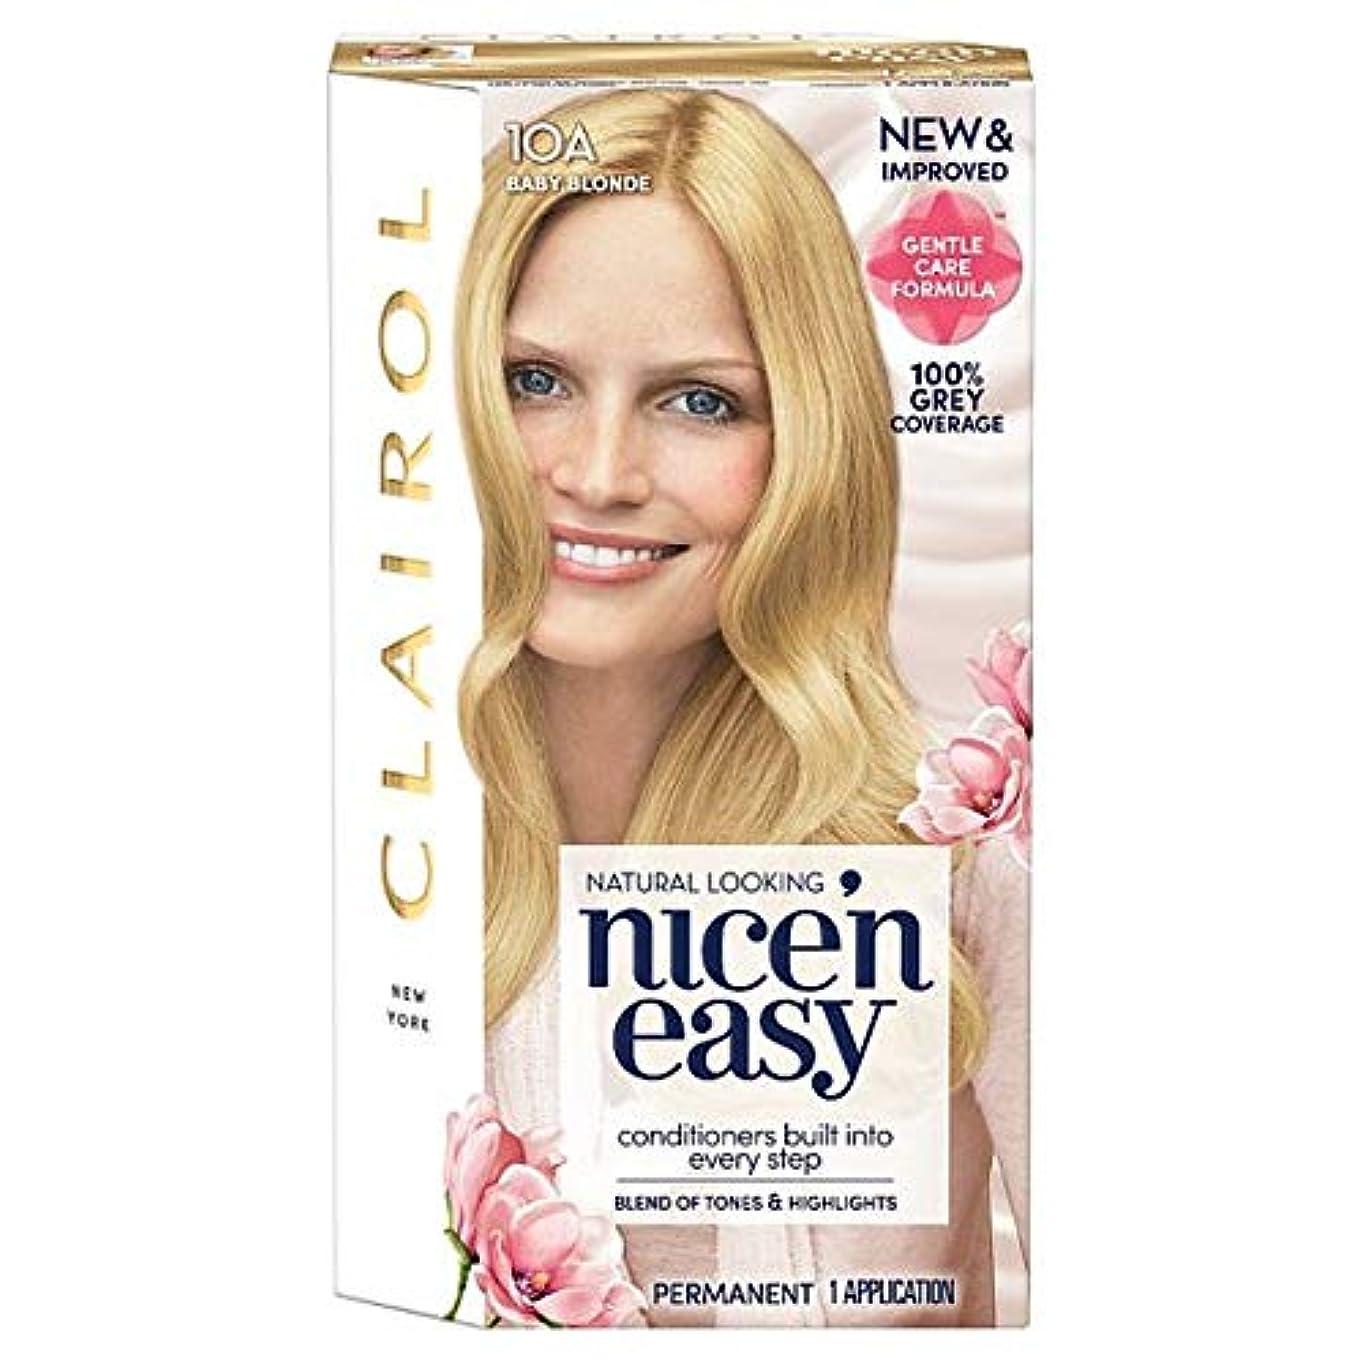 住所確保する告発[Nice'n Easy] クレイロール素敵な「N簡単赤ん坊ブロンド10Aの染毛剤 - Clairol Nice 'N Easy Baby Blonde 10A Hair Dye [並行輸入品]